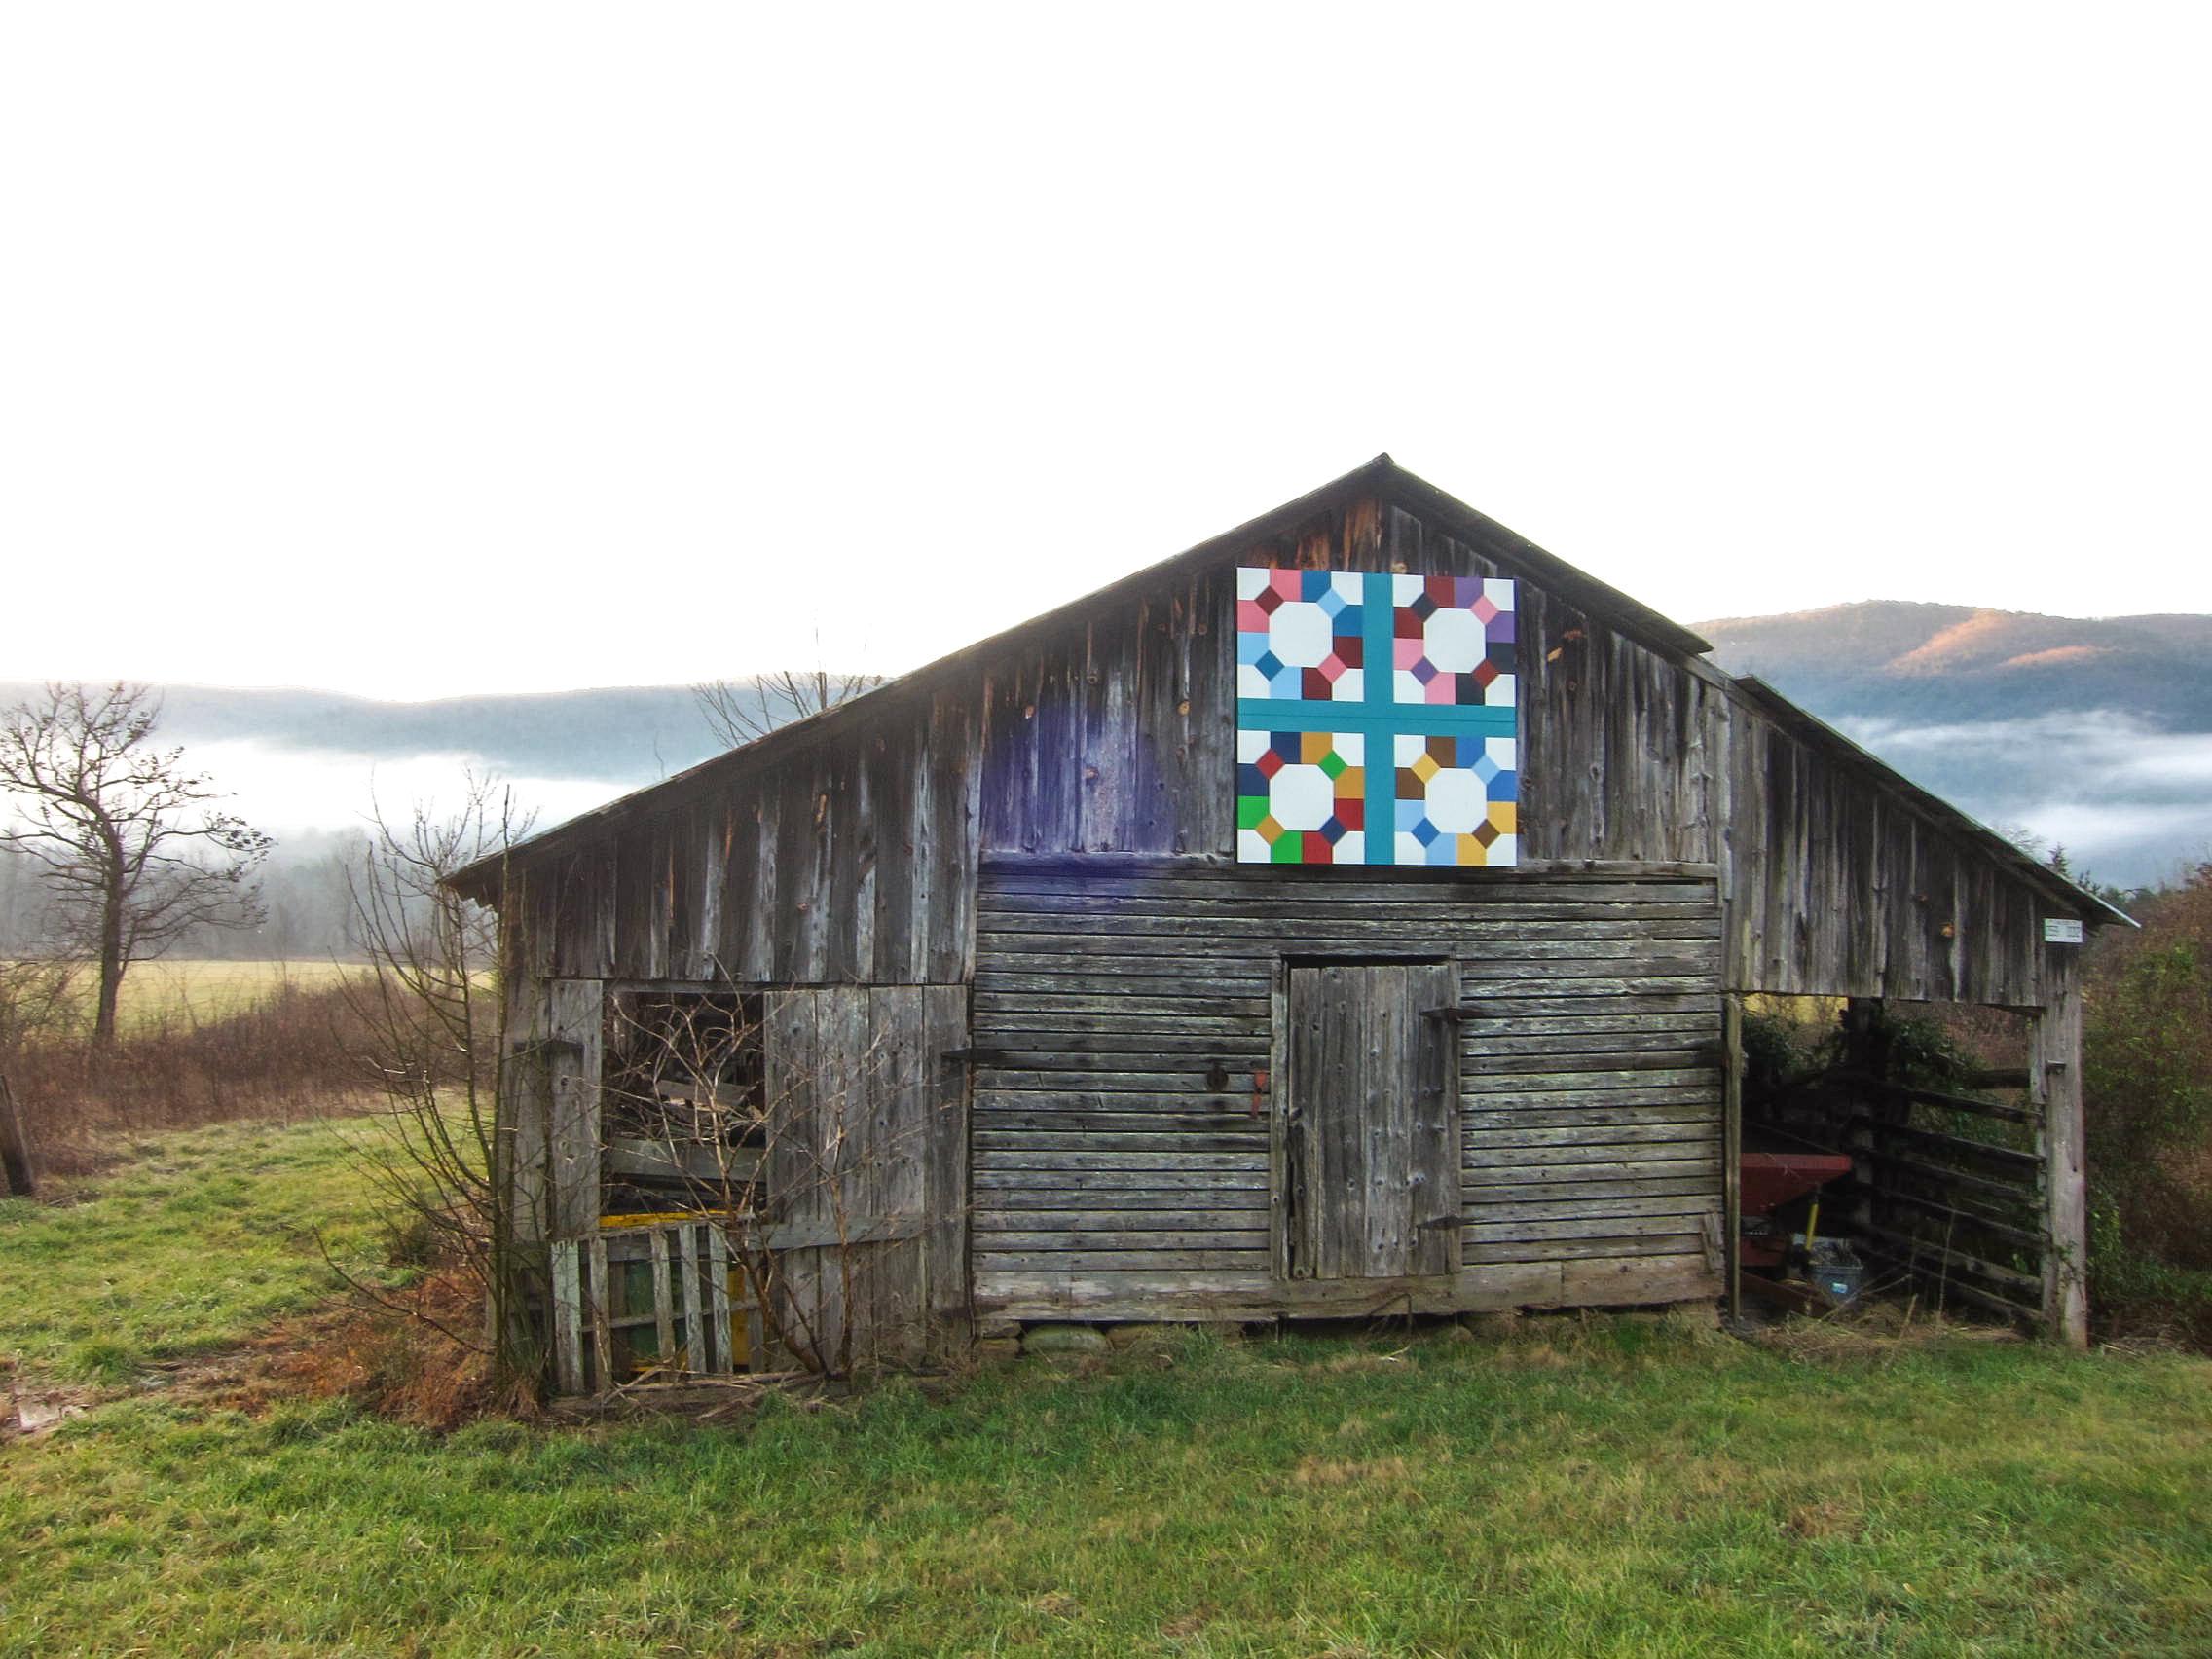 Barn Quilt, North Carolina